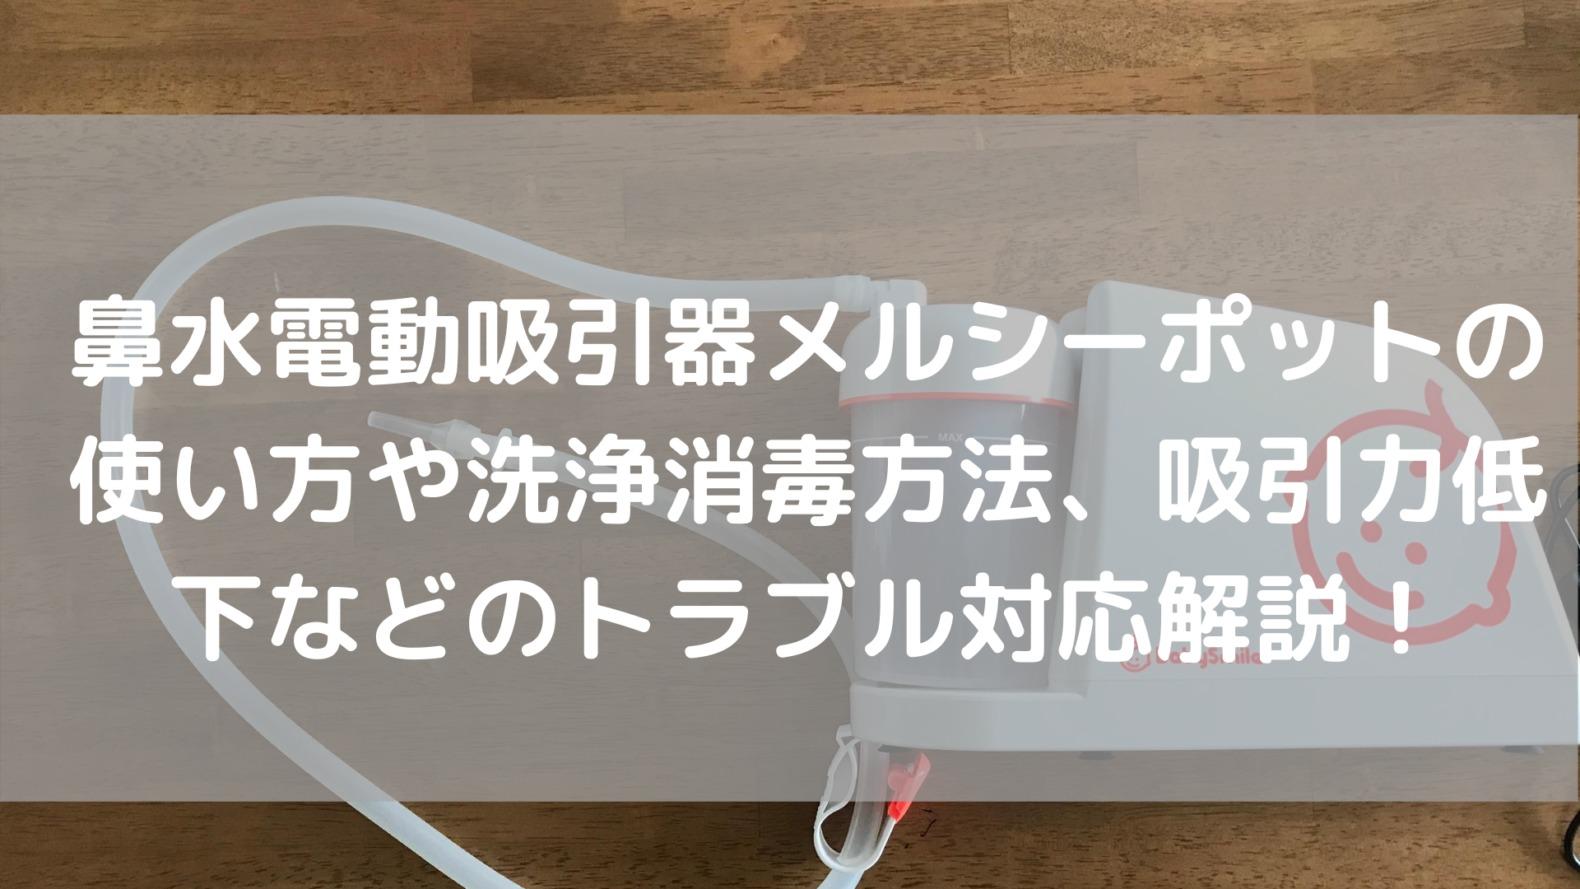 メルシーポットの使い方ブログアイキャッチ画像